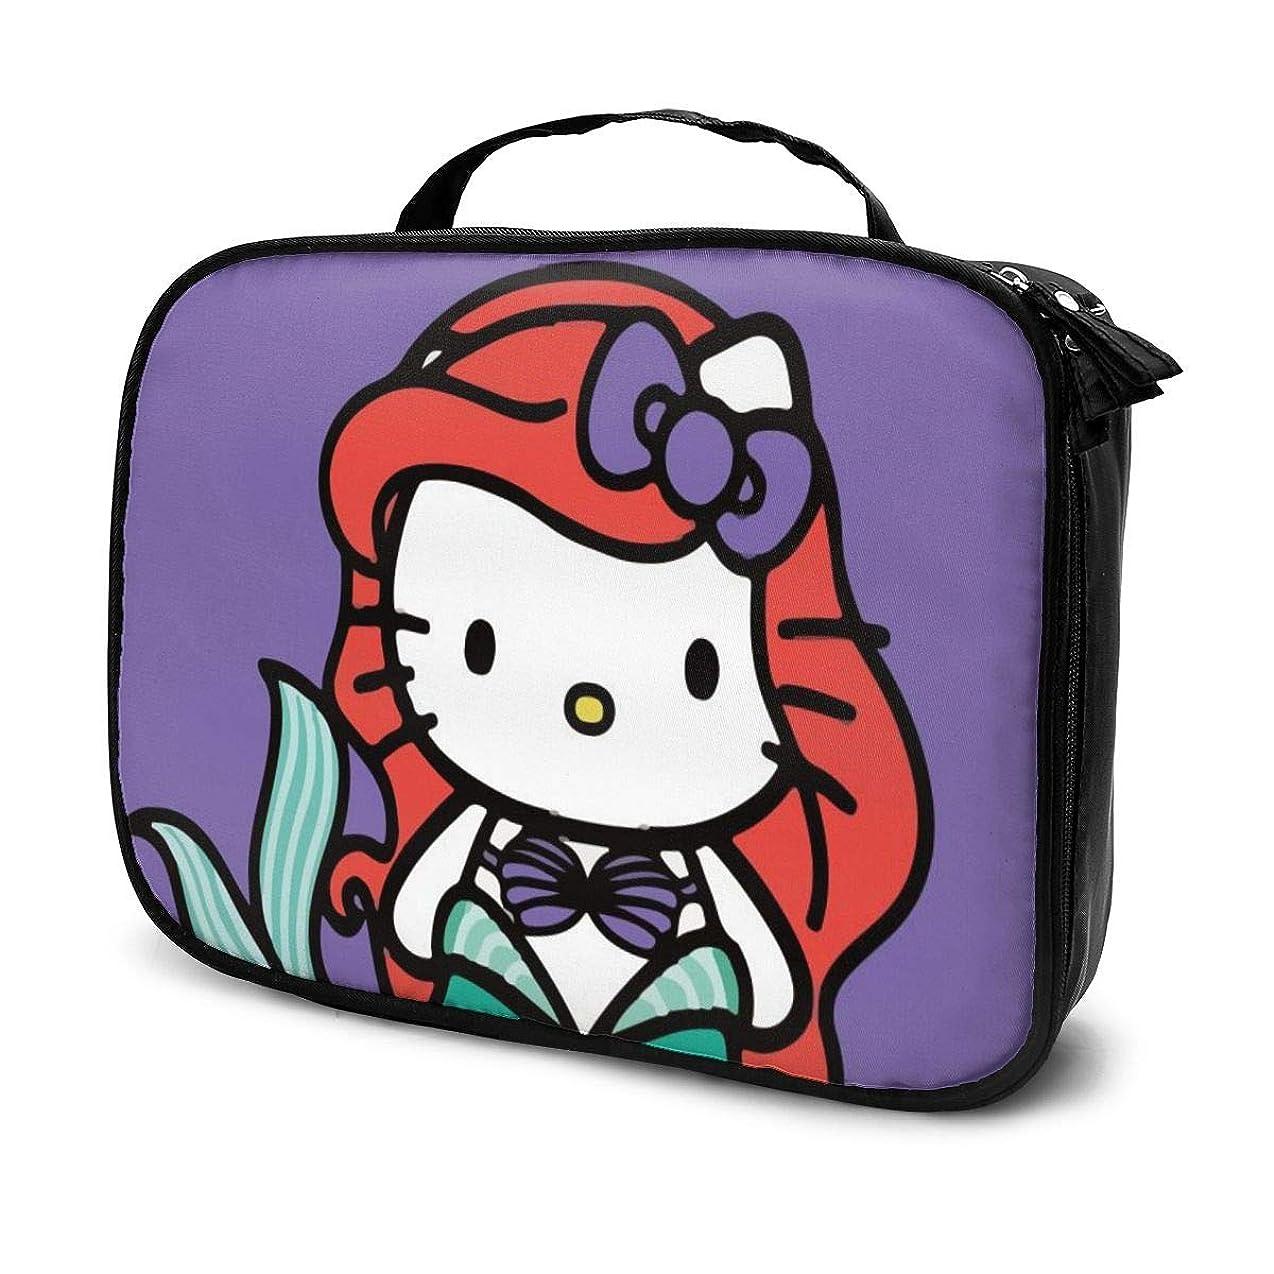 聞く導体公園Daituハローキティ 化粧品袋の女性旅行バッグ収納大容量防水アクセサリー旅行